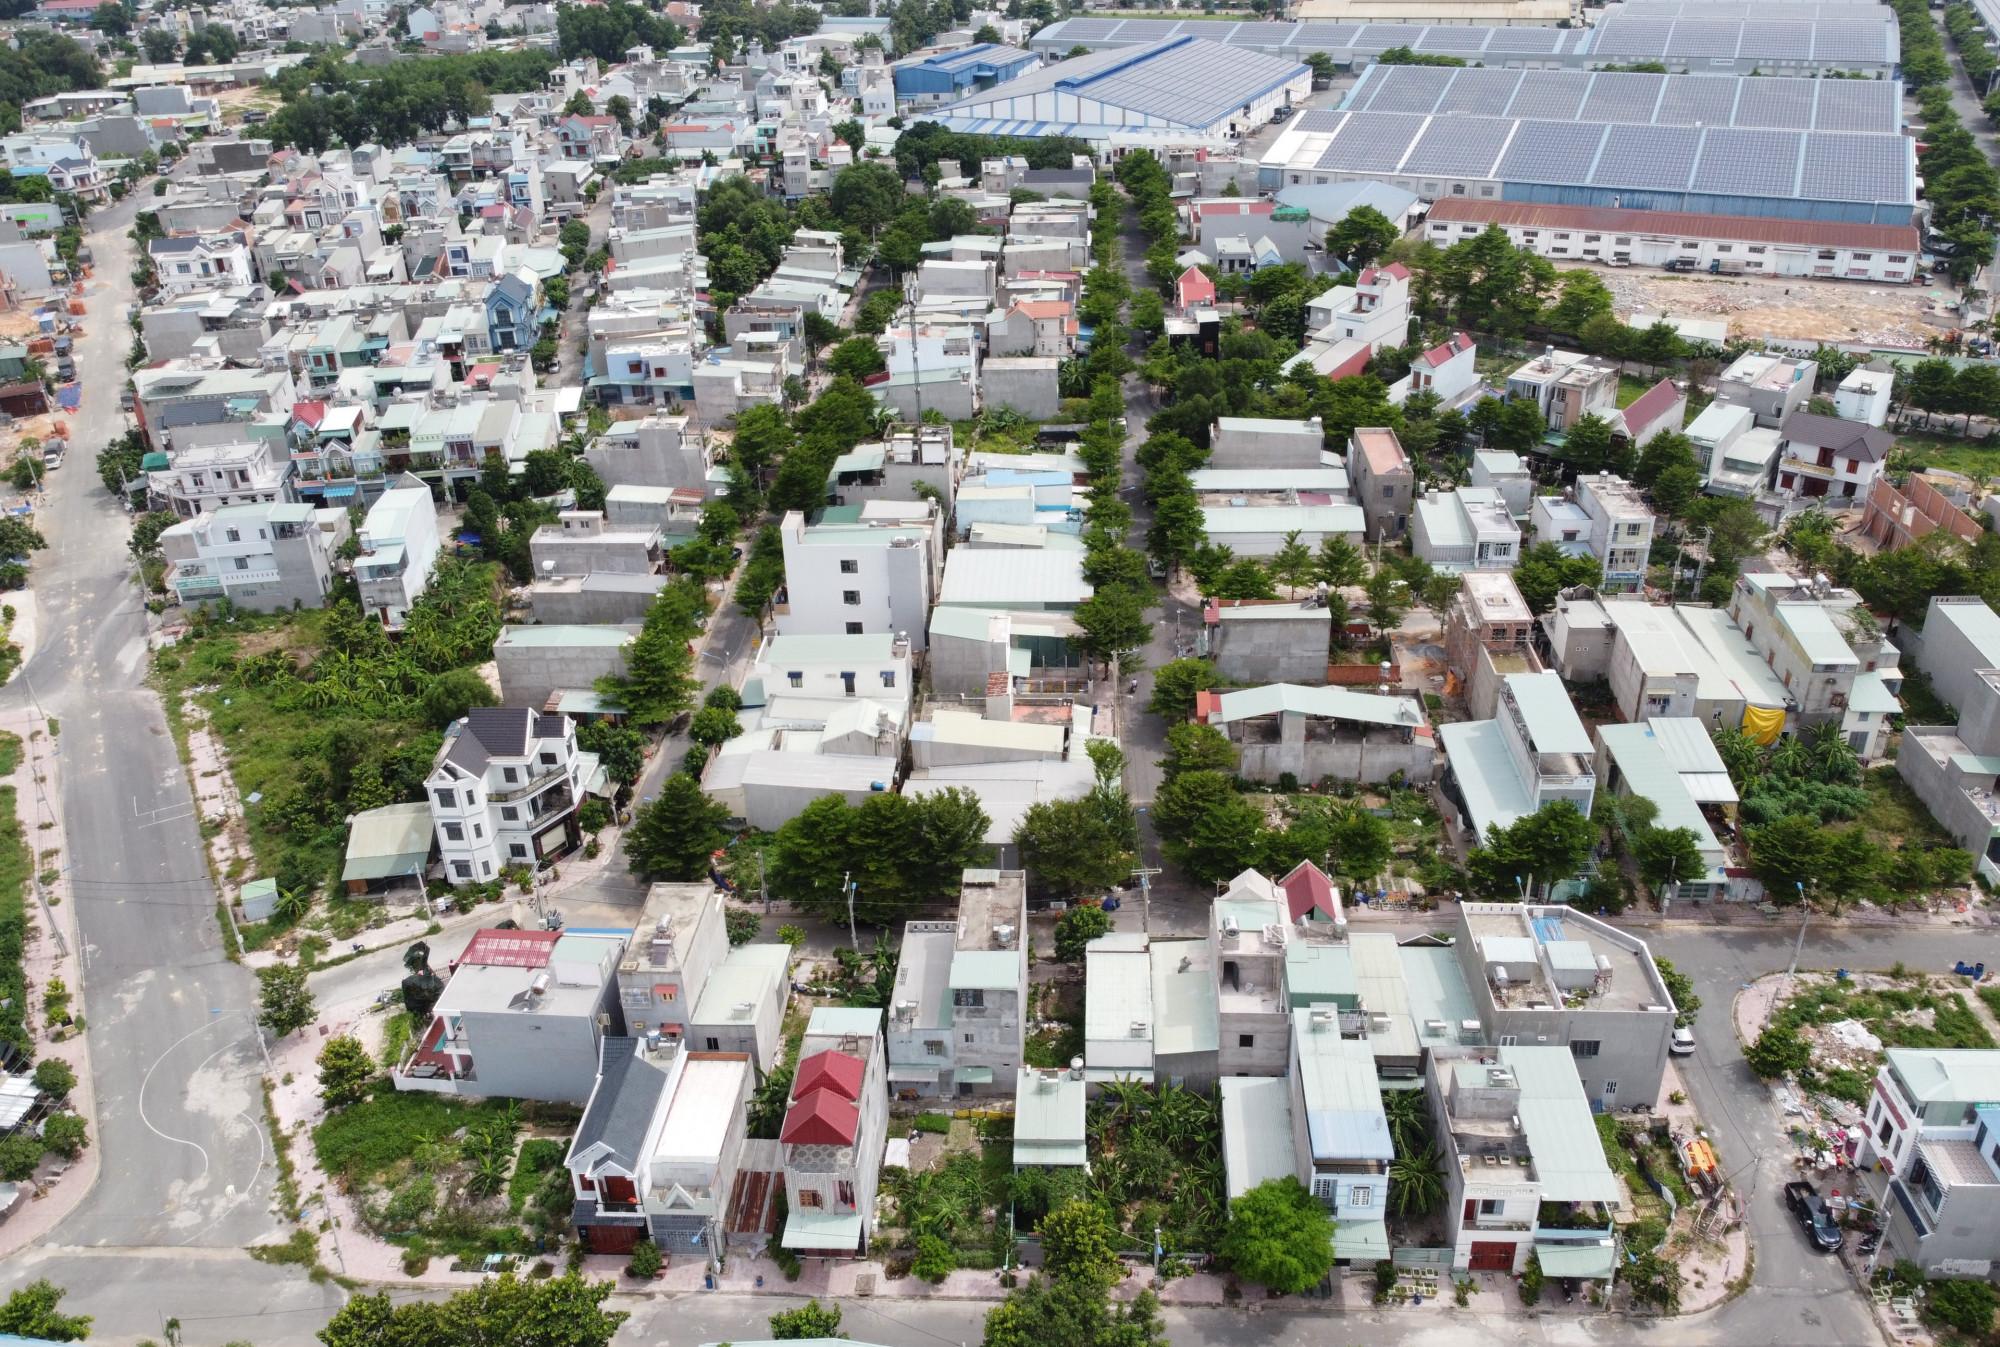 dự án Khu nhà ở Đất Mới phải đầu tư xây dựng cơ sở hạ tầng hoàn thiện và xảy dựng nhà ở để bán, nhưng Công ty đã chuyển nhượng hết đất nền